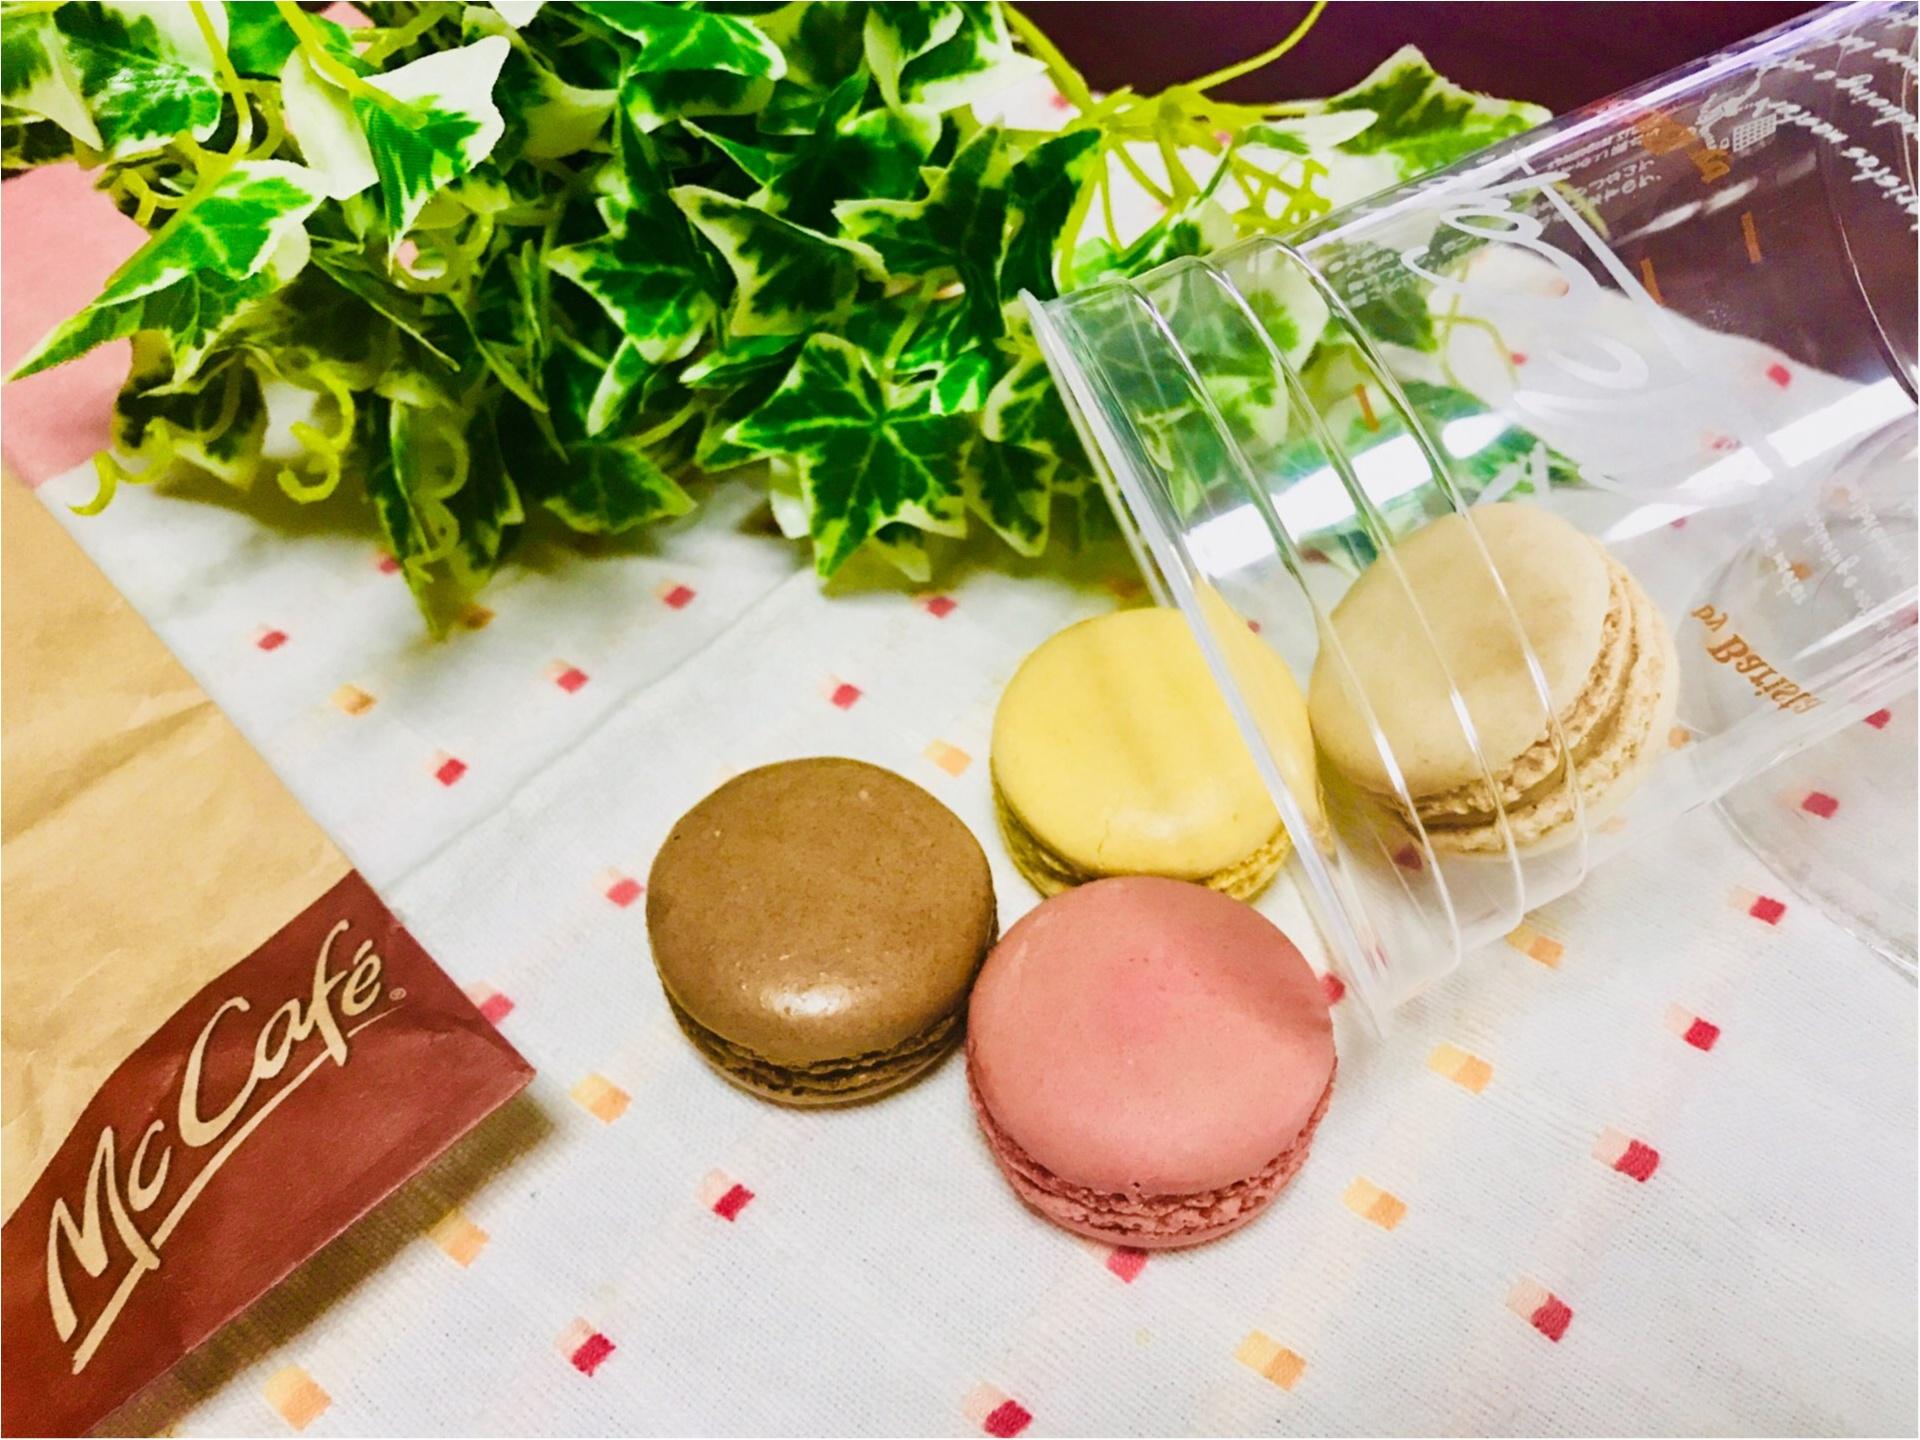 【McCafe by Barista】フランス直輸入!4種類の《マカロン》がレギュラーメニューで再登場❤︎本格マカロンがお手頃価格で食べれちゃいます♡♡_2